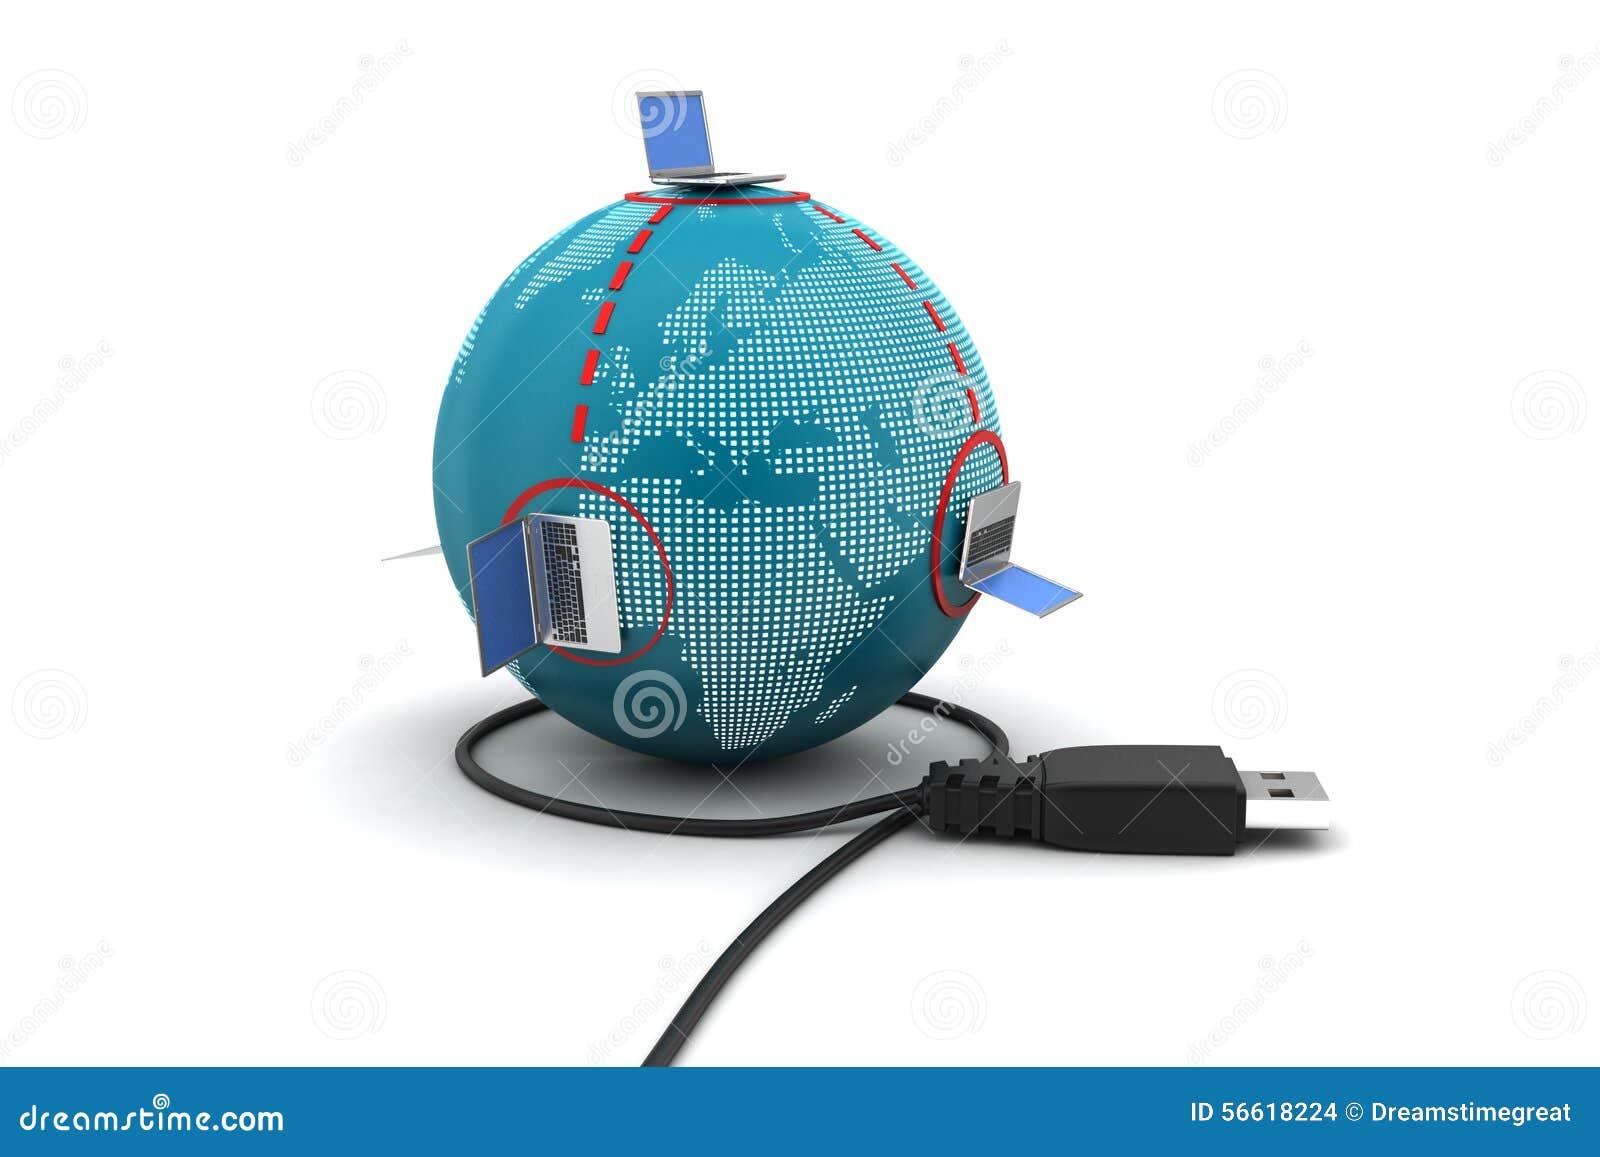 Globaal voorzien van een netwerkconcept stock illustratie afbeelding 56618224 - Een wasruimte voorzien ...